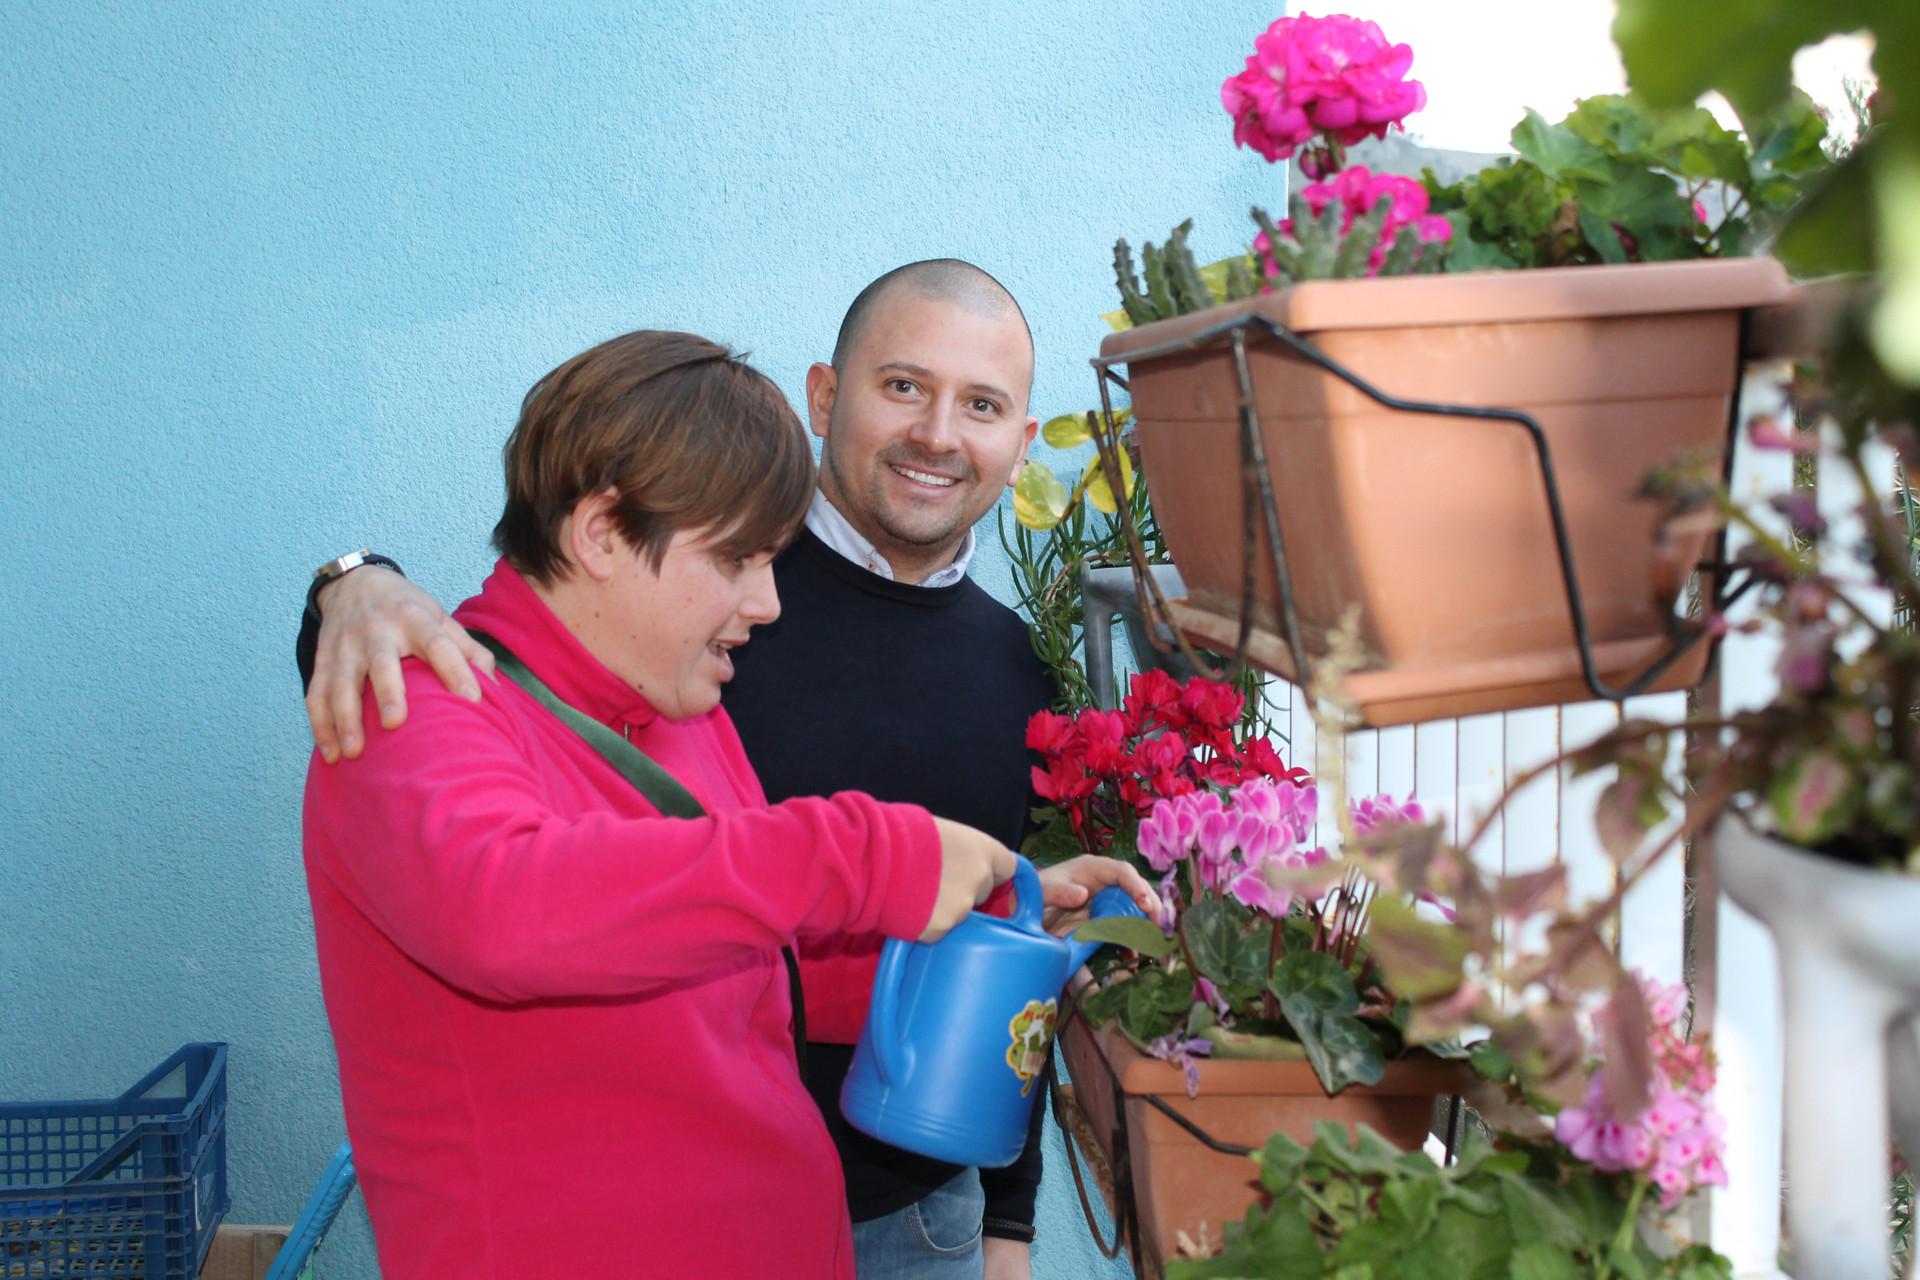 Gerri sorride mentre aiuta una persona con sordocecità ad innaggiare un vaso di fiori.